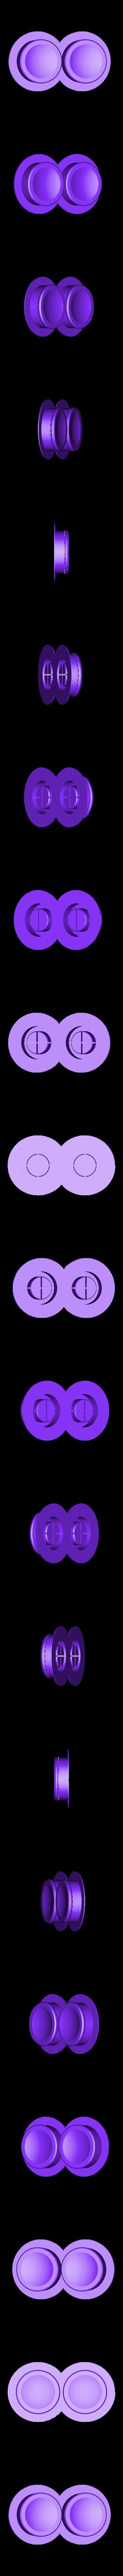 comfy_cap_2x629.stl Télécharger fichier STL gratuit Fidget Spinner Mitsu remix with 10mm balls • Objet imprimable en 3D, bda